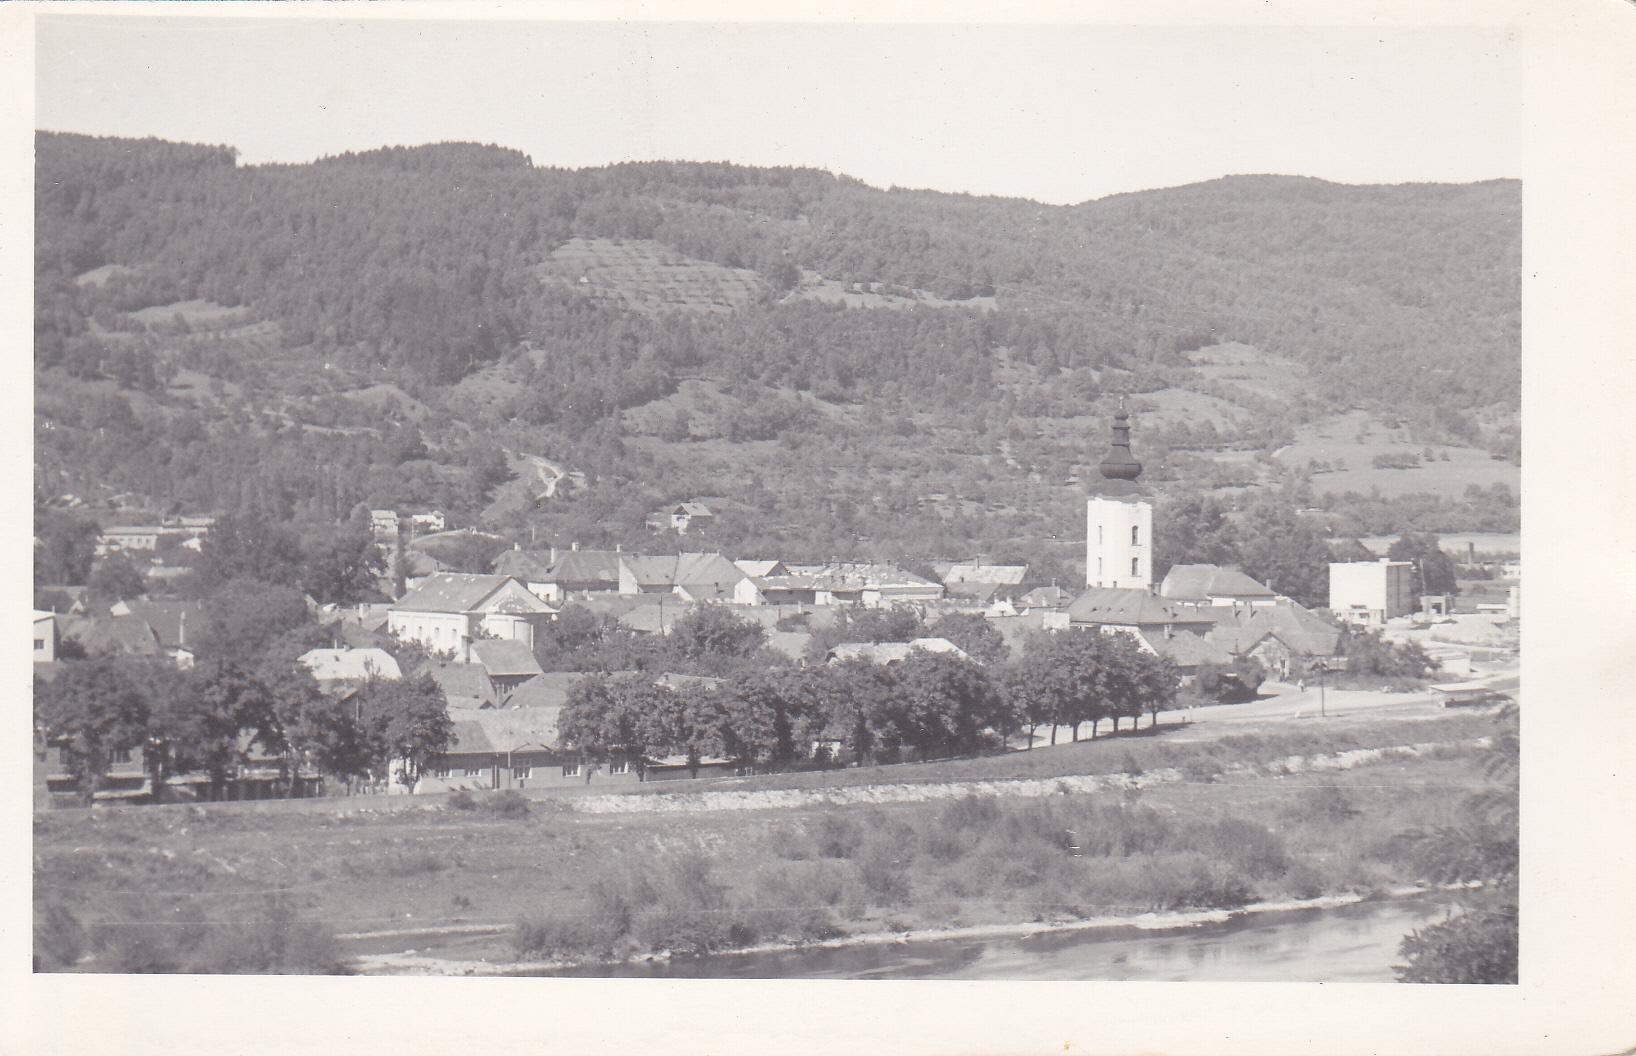 Nábrežie slobody a stavby v uliciach Námestia slobody a Moyzesova ul. v roku 1965